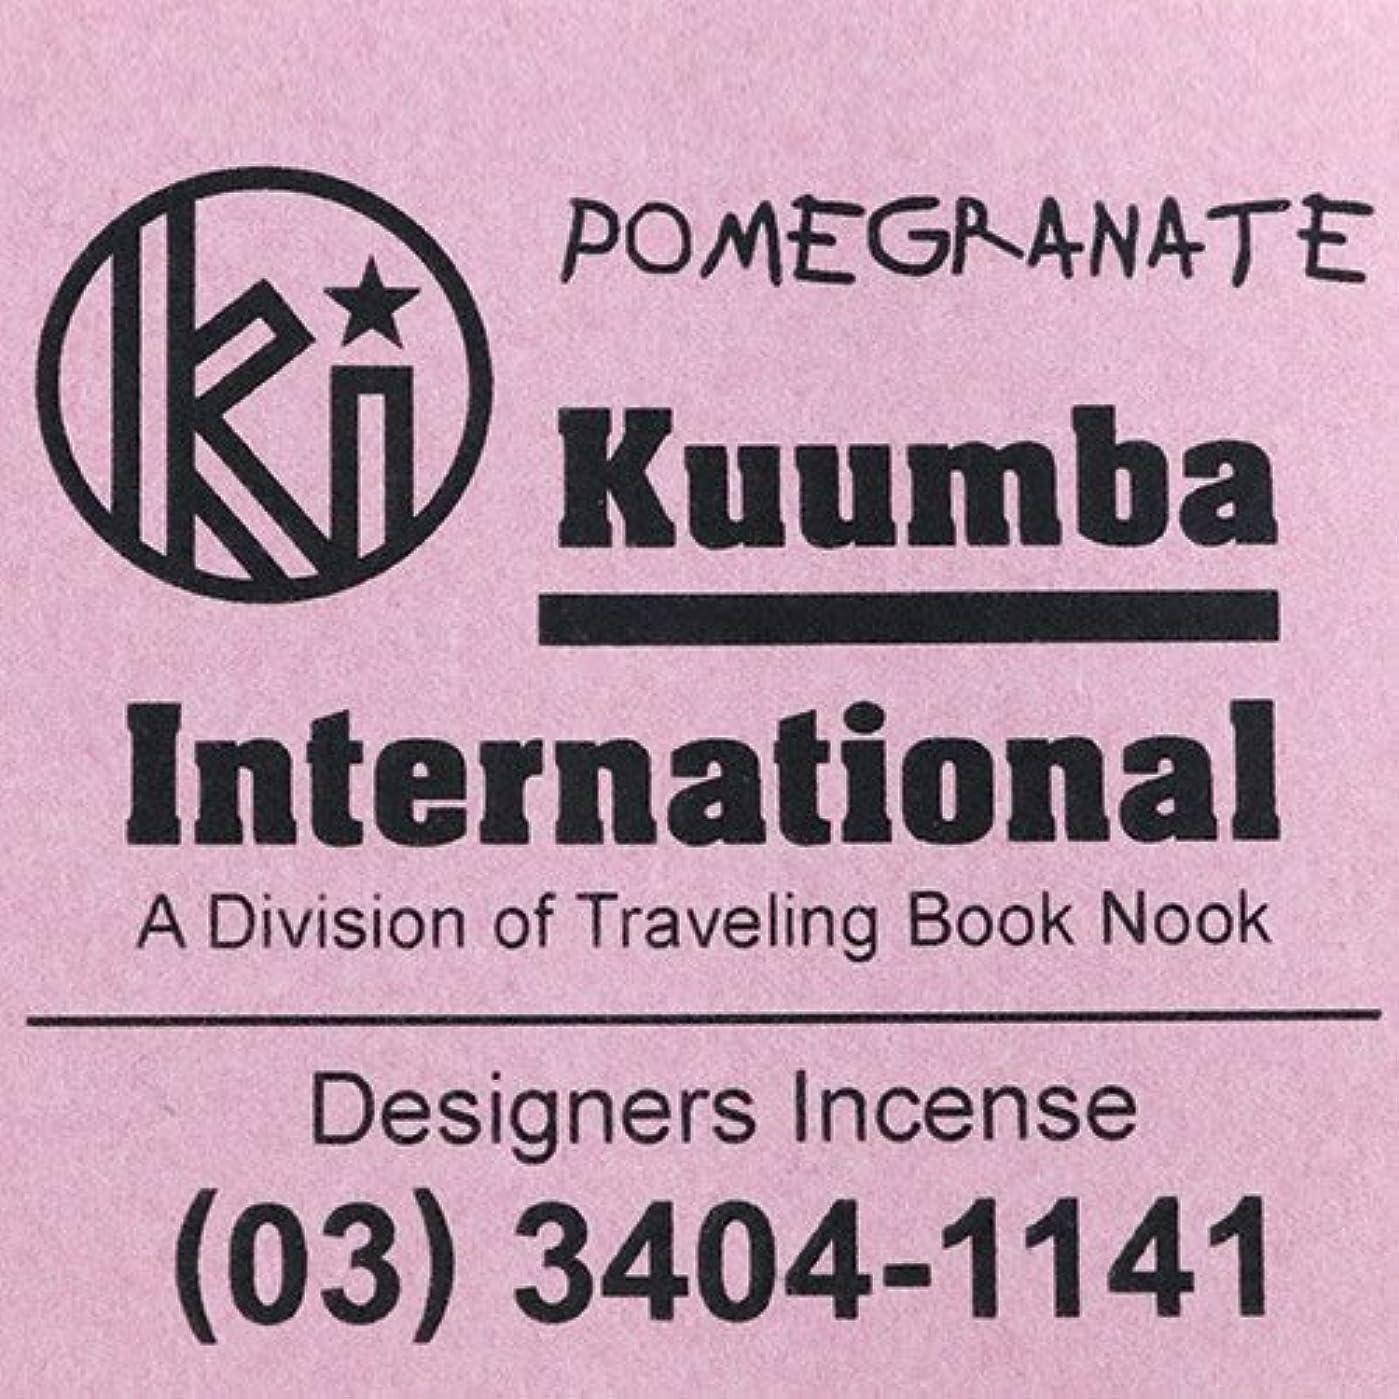 セラフ紀元前選択(クンバ) KUUMBA『incense』(POMEGRANATE) (Regular size)